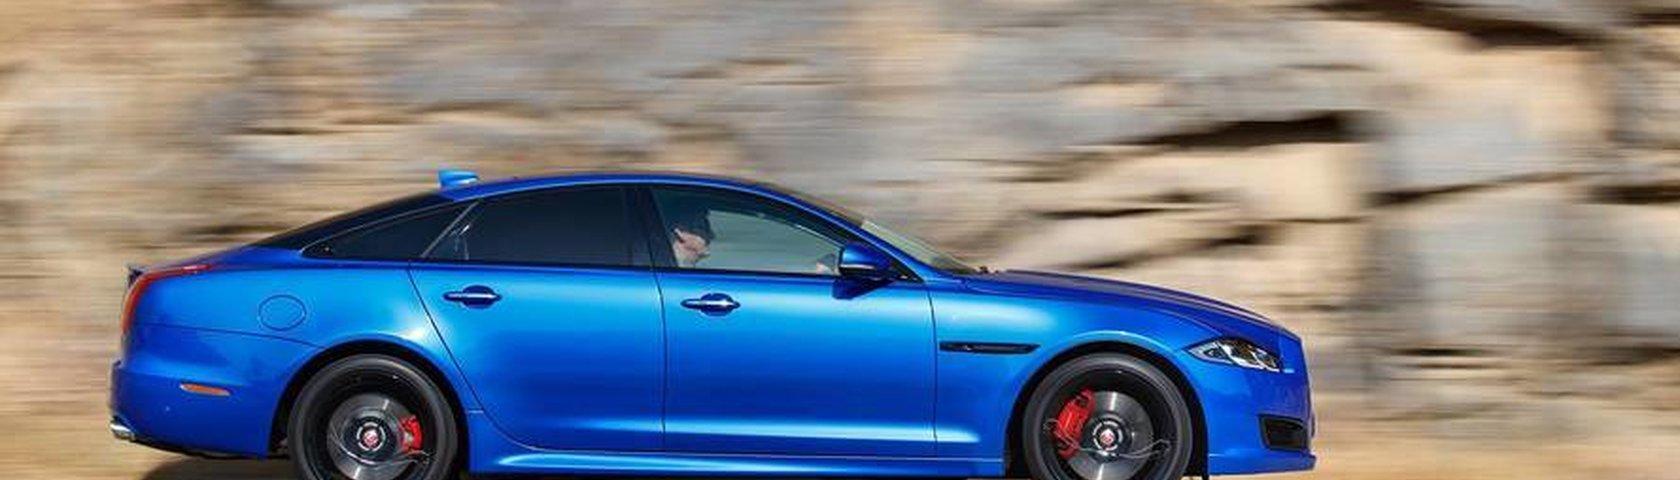 2017 Jaguar Xj575